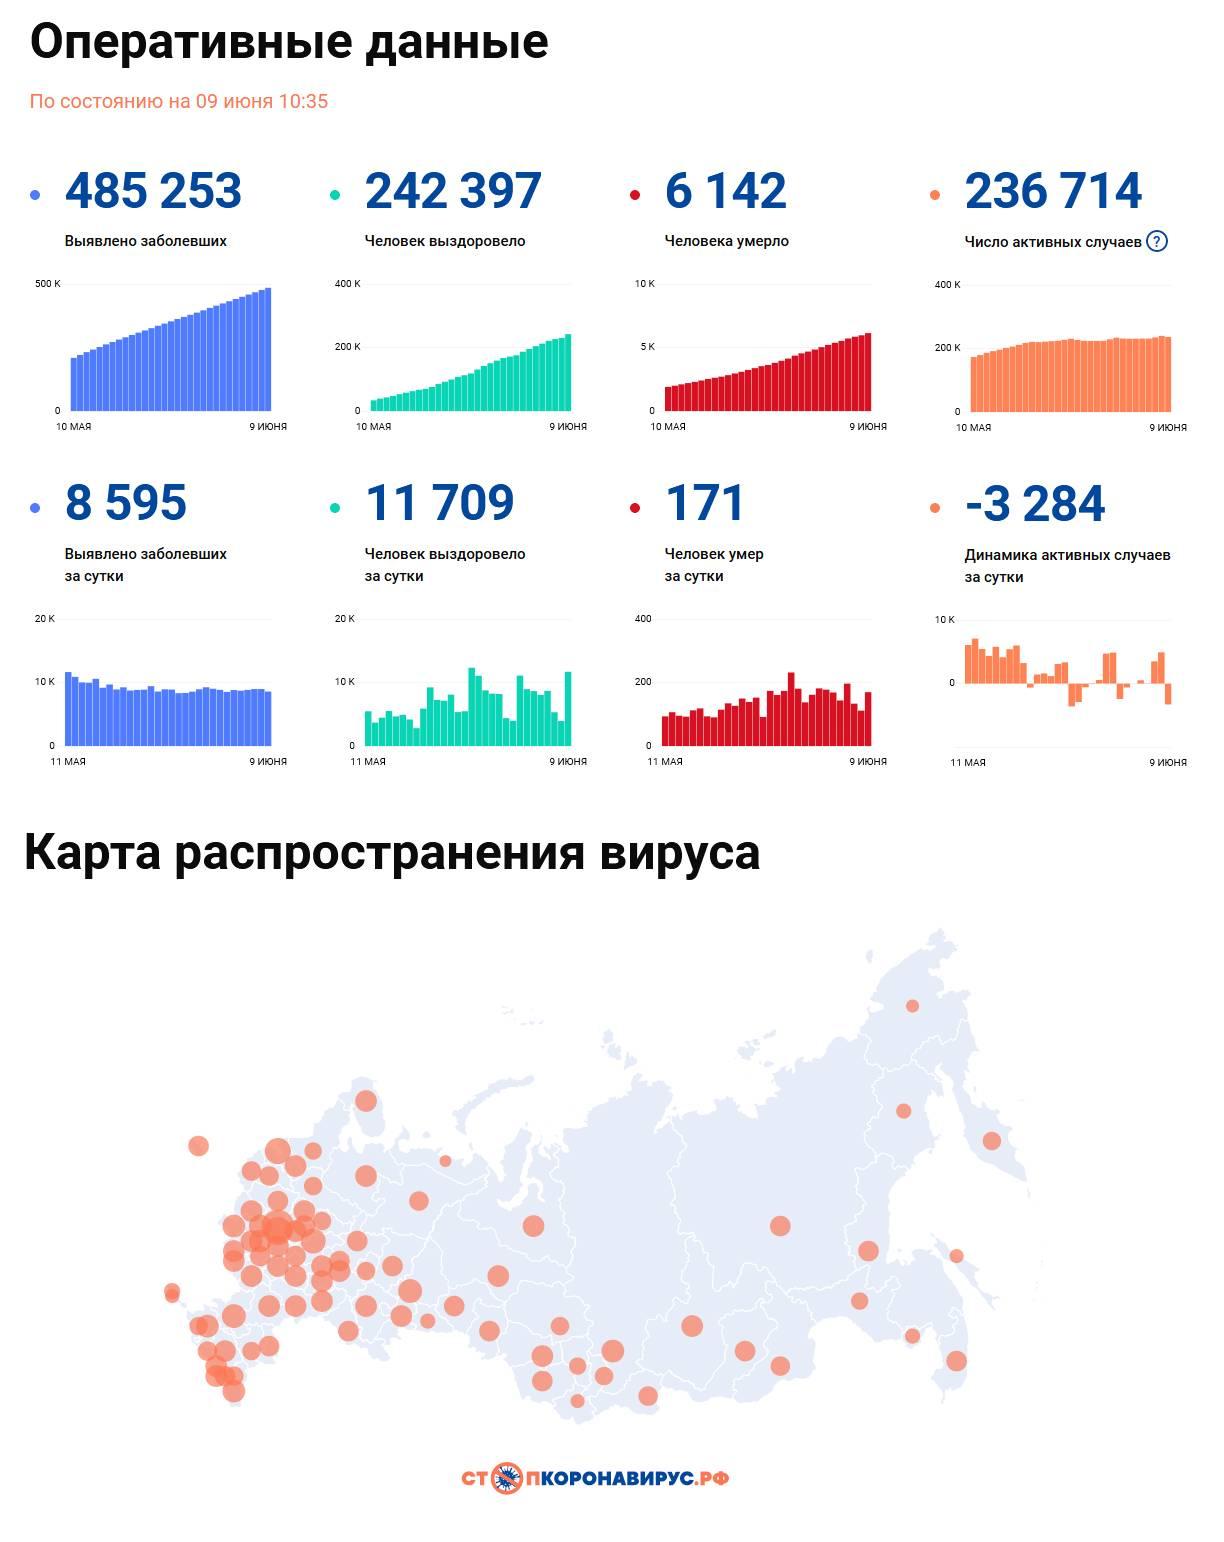 Covid-19: Оперативные данные по состоянию на 9 июня 10:35